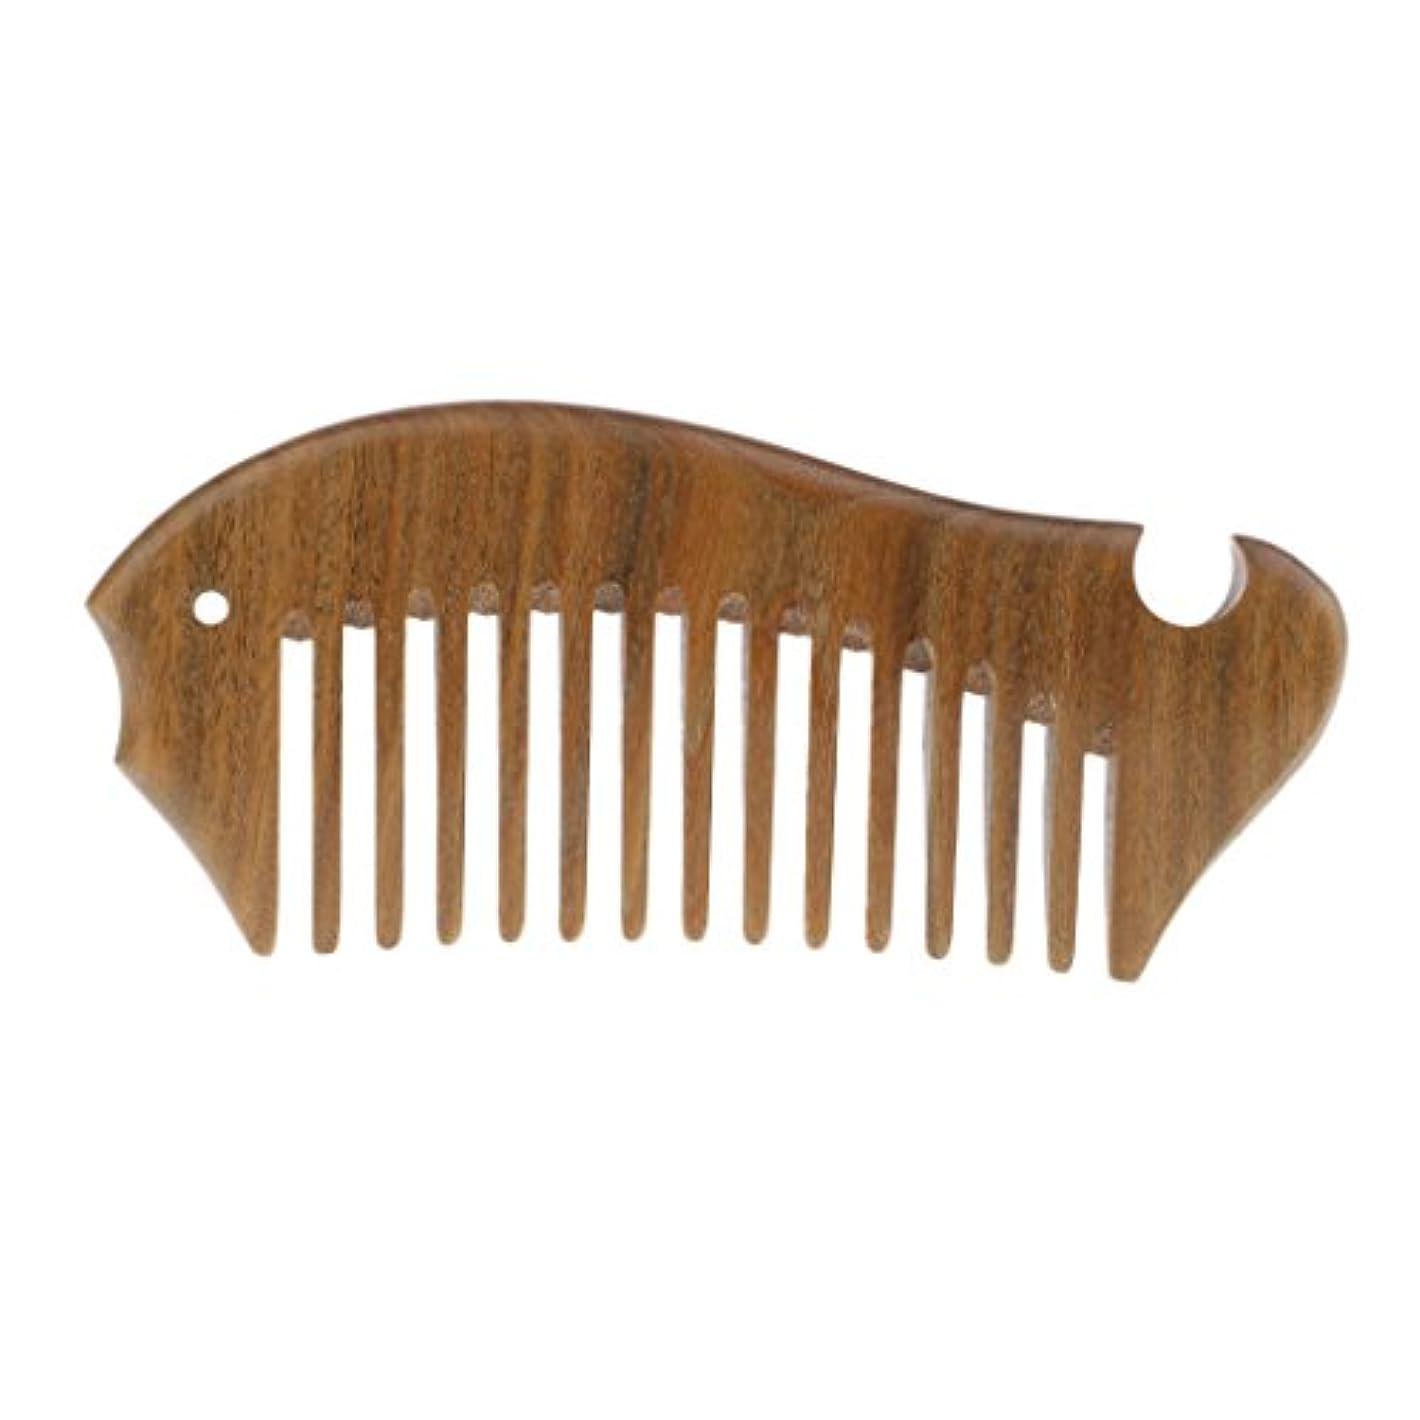 疲労キュービック発掘木製櫛 帯電防止櫛 ヘアコーム 頭皮 ケア マッサージ